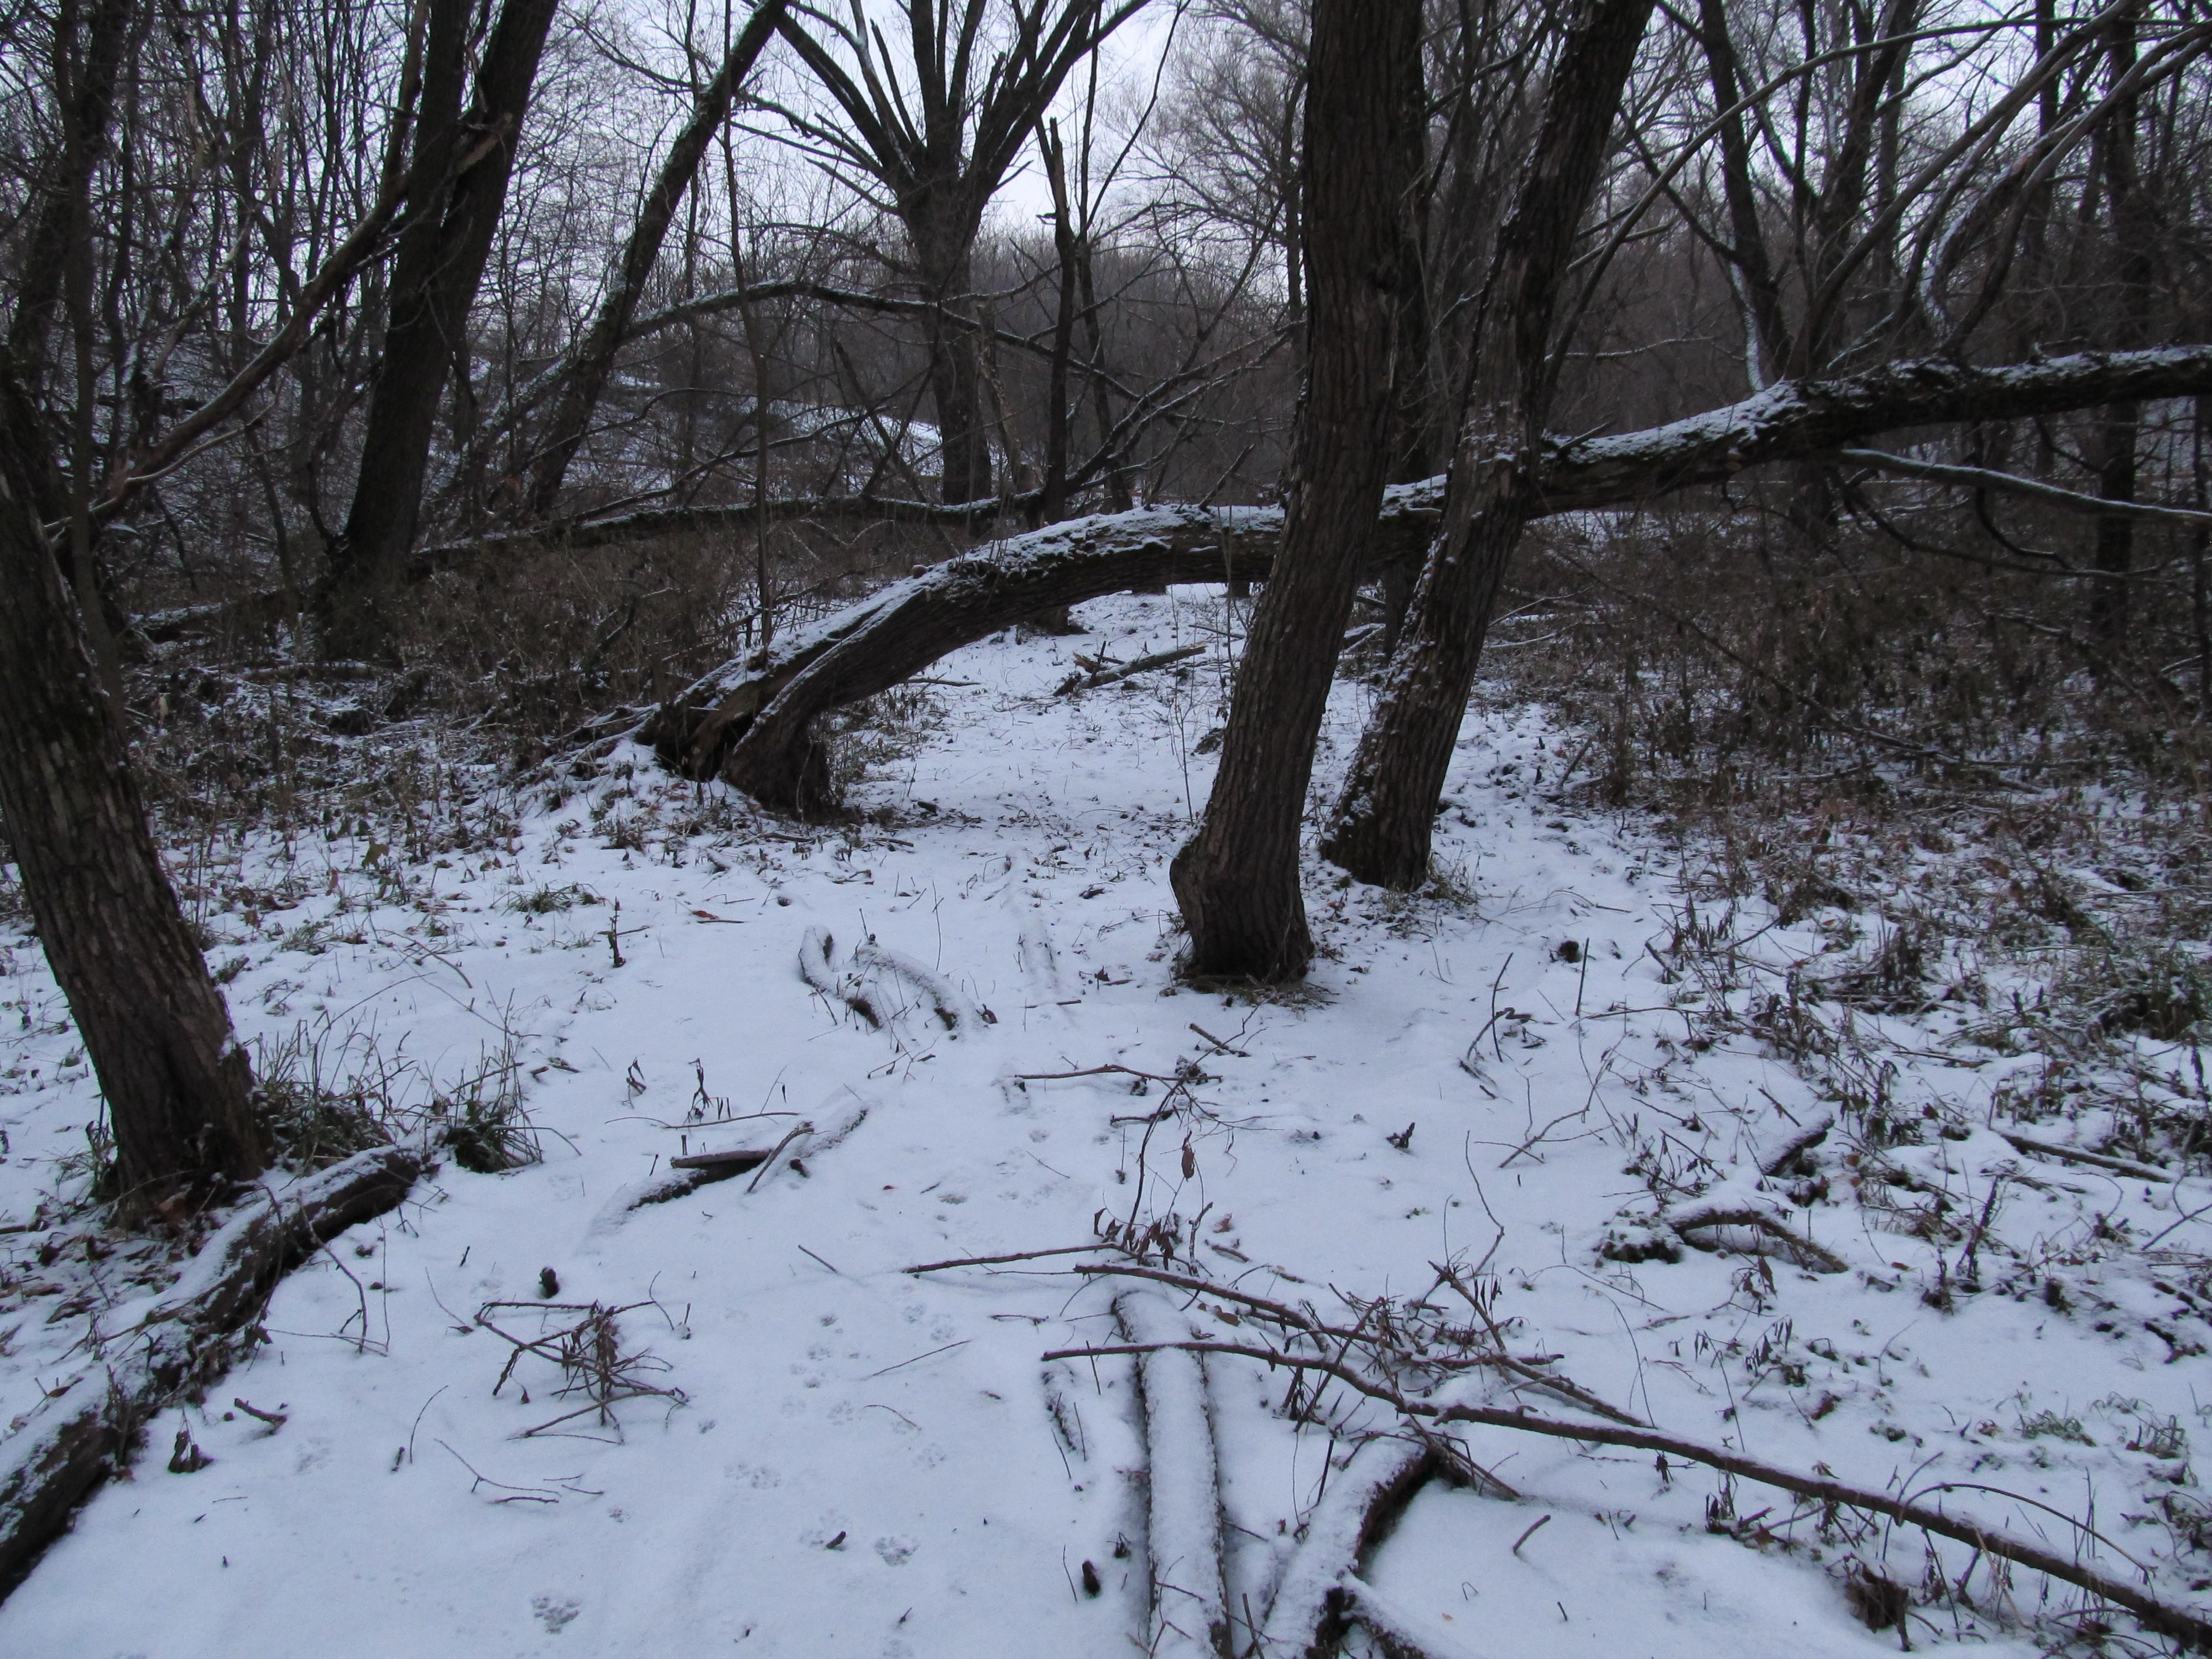 ВРязанской области ожидаются мокрый снег, ветер игололед